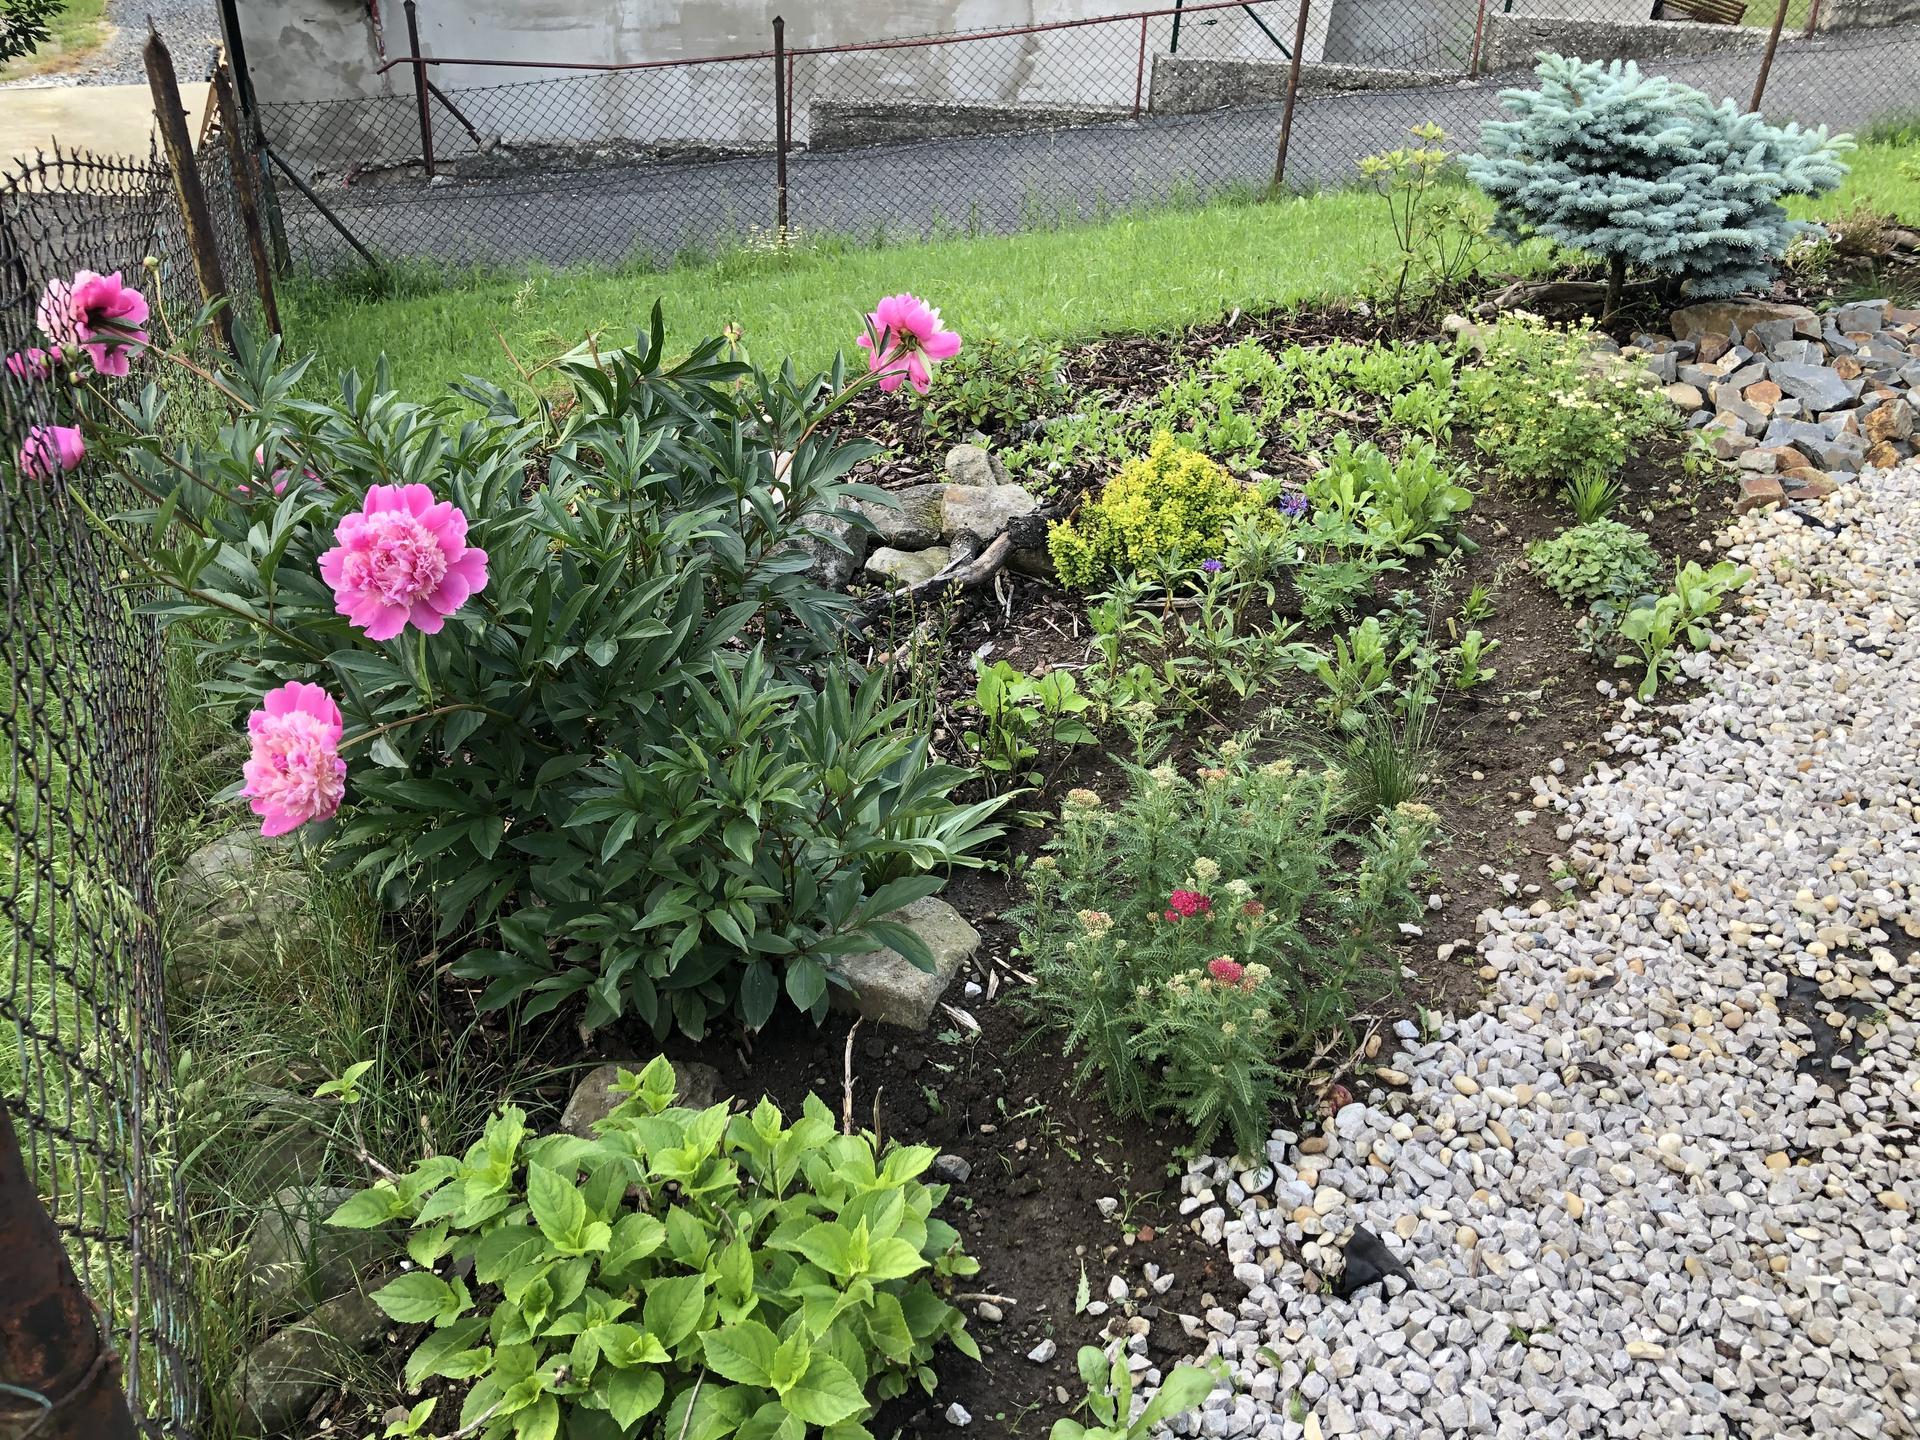 U nás doma a na zahradě 2020 - Obrázek č. 80